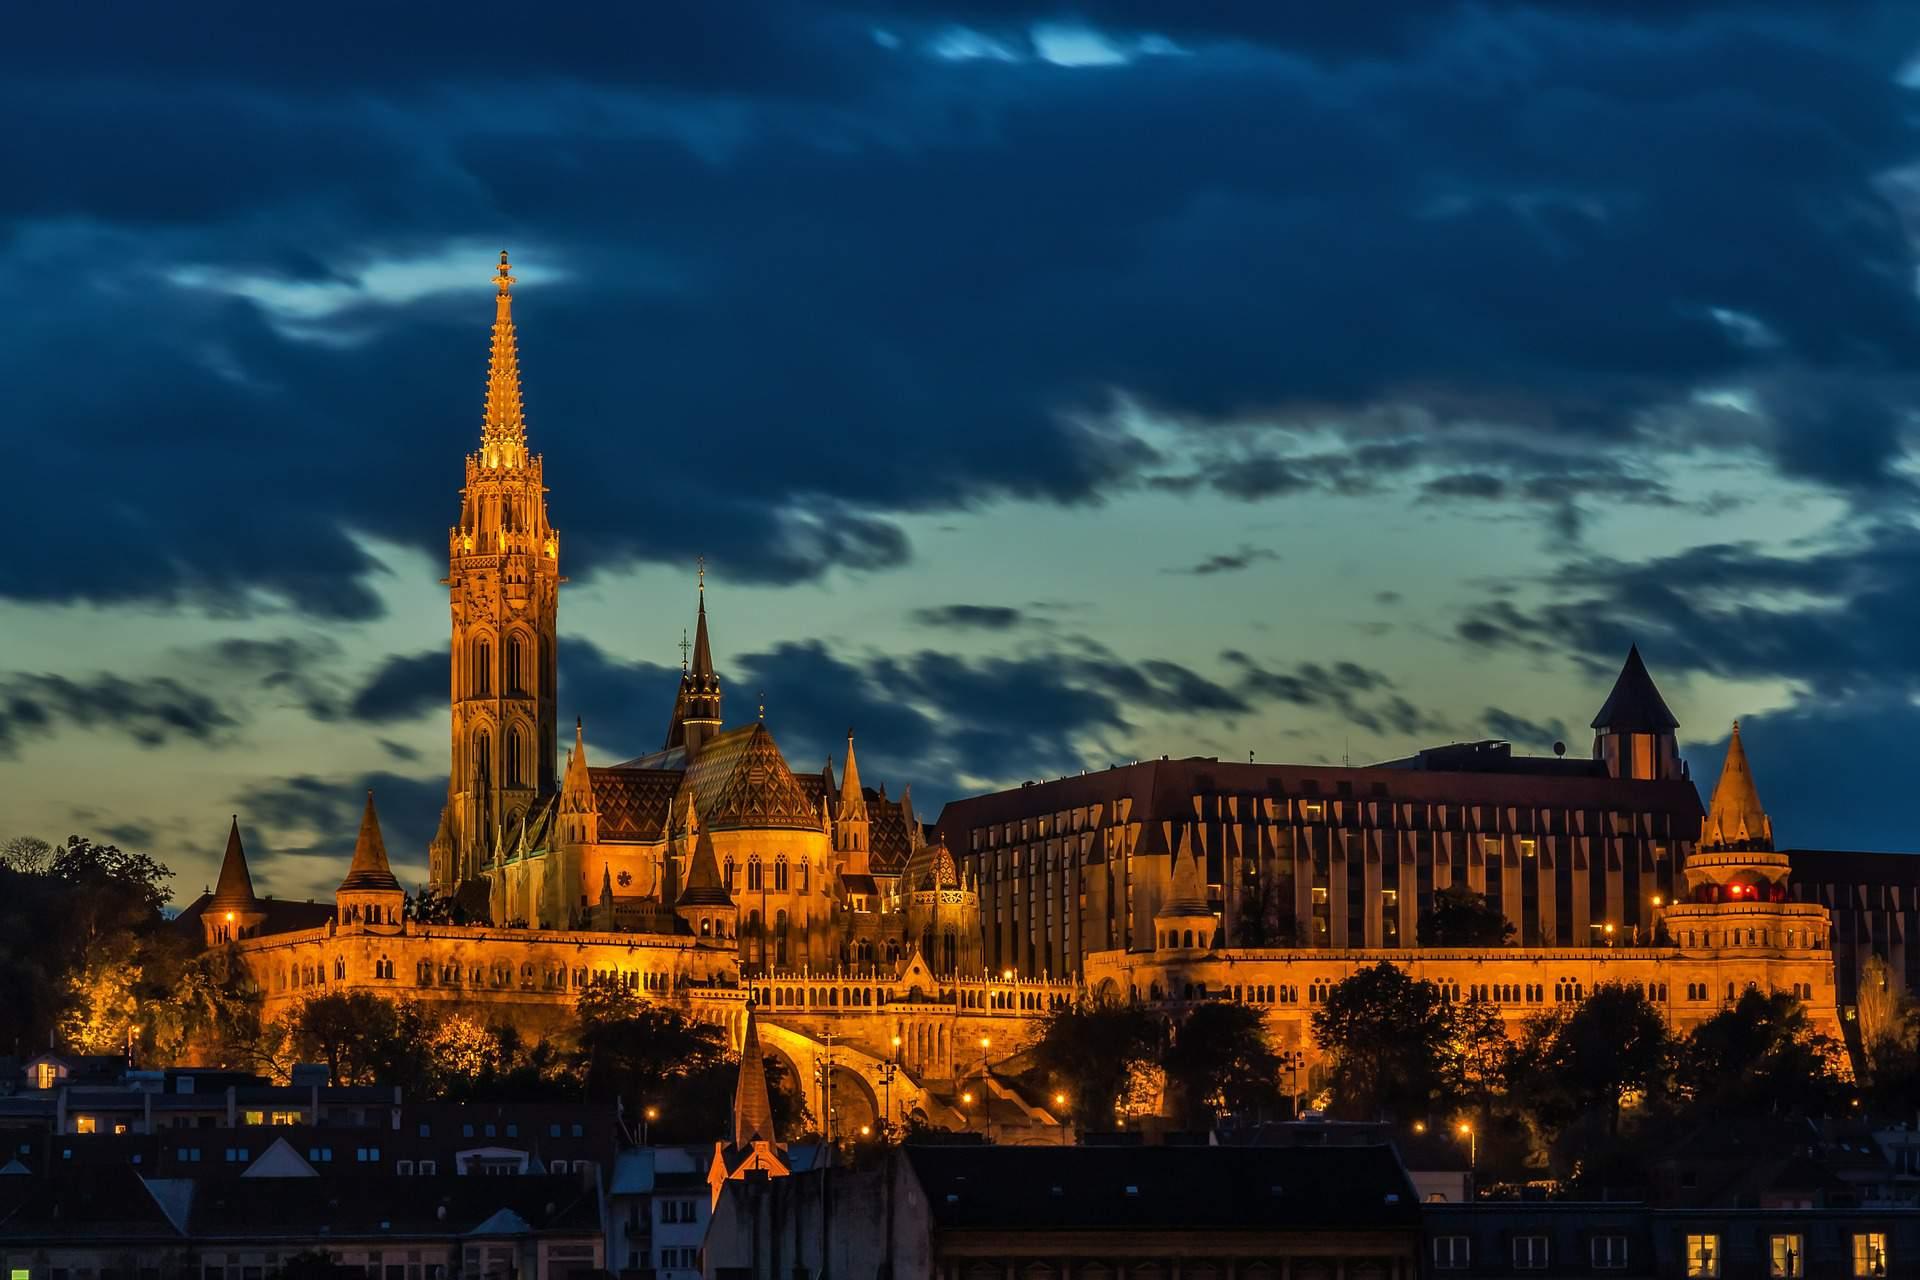 Budapest Sight Night